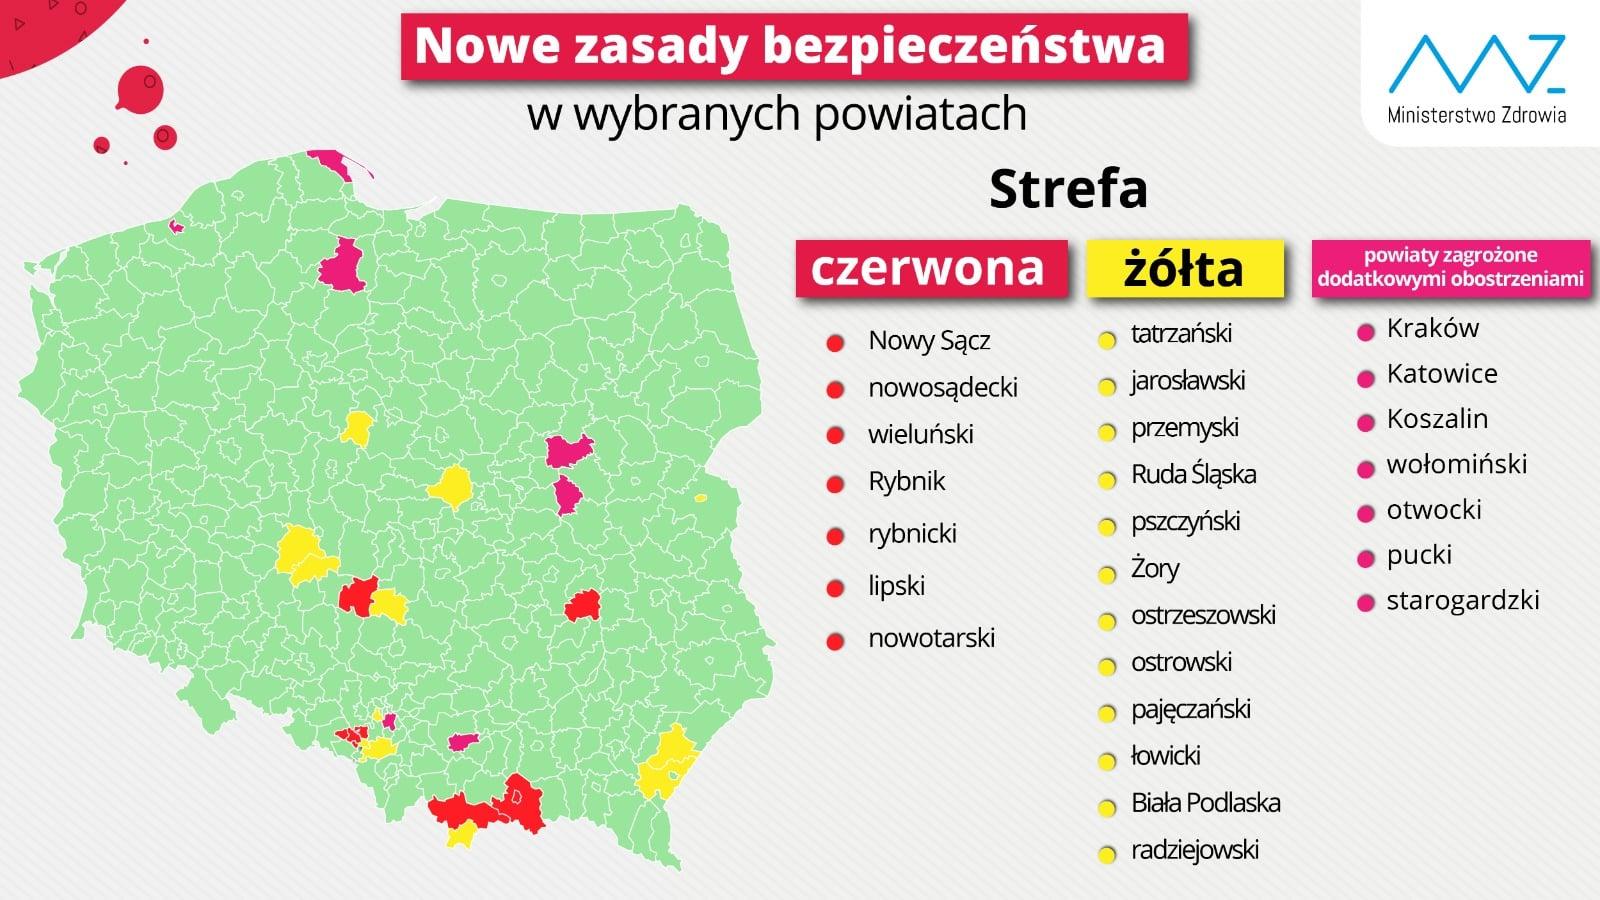 mapa - nowe zasady bezpieczeństwa